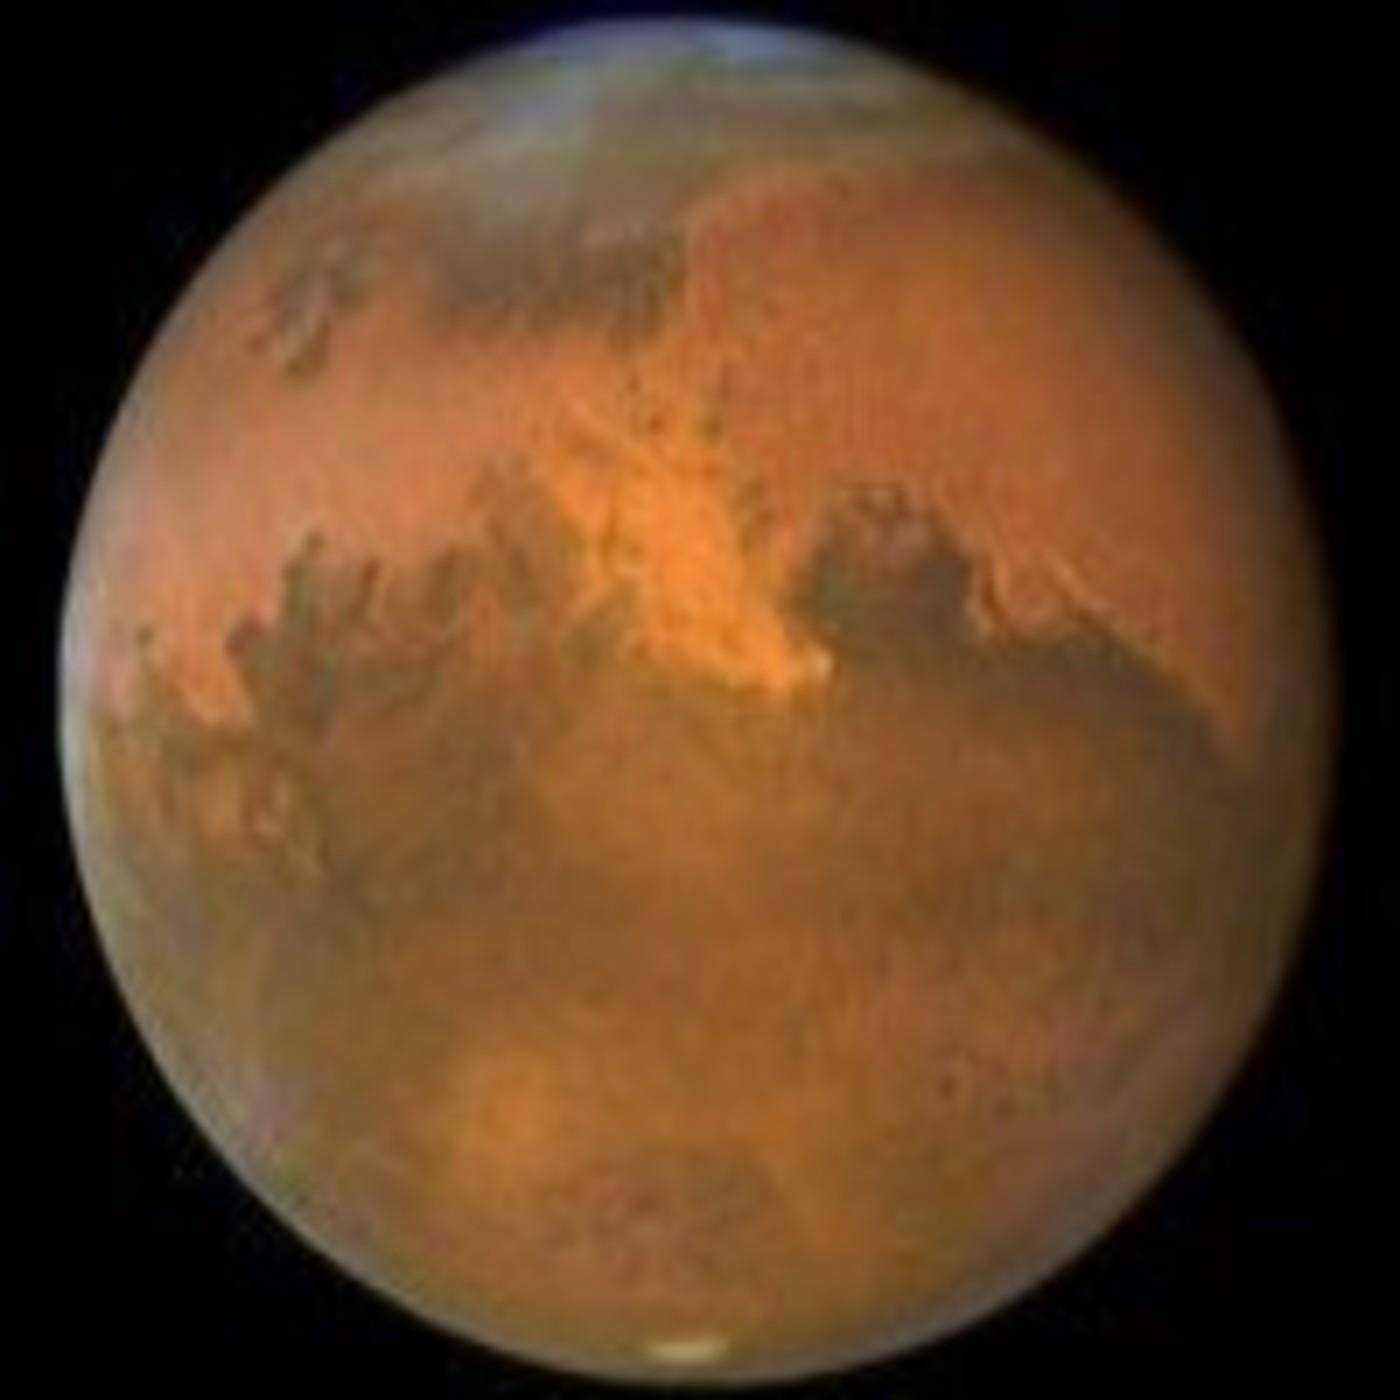 El Universo: Marte, las nuevas pruebas